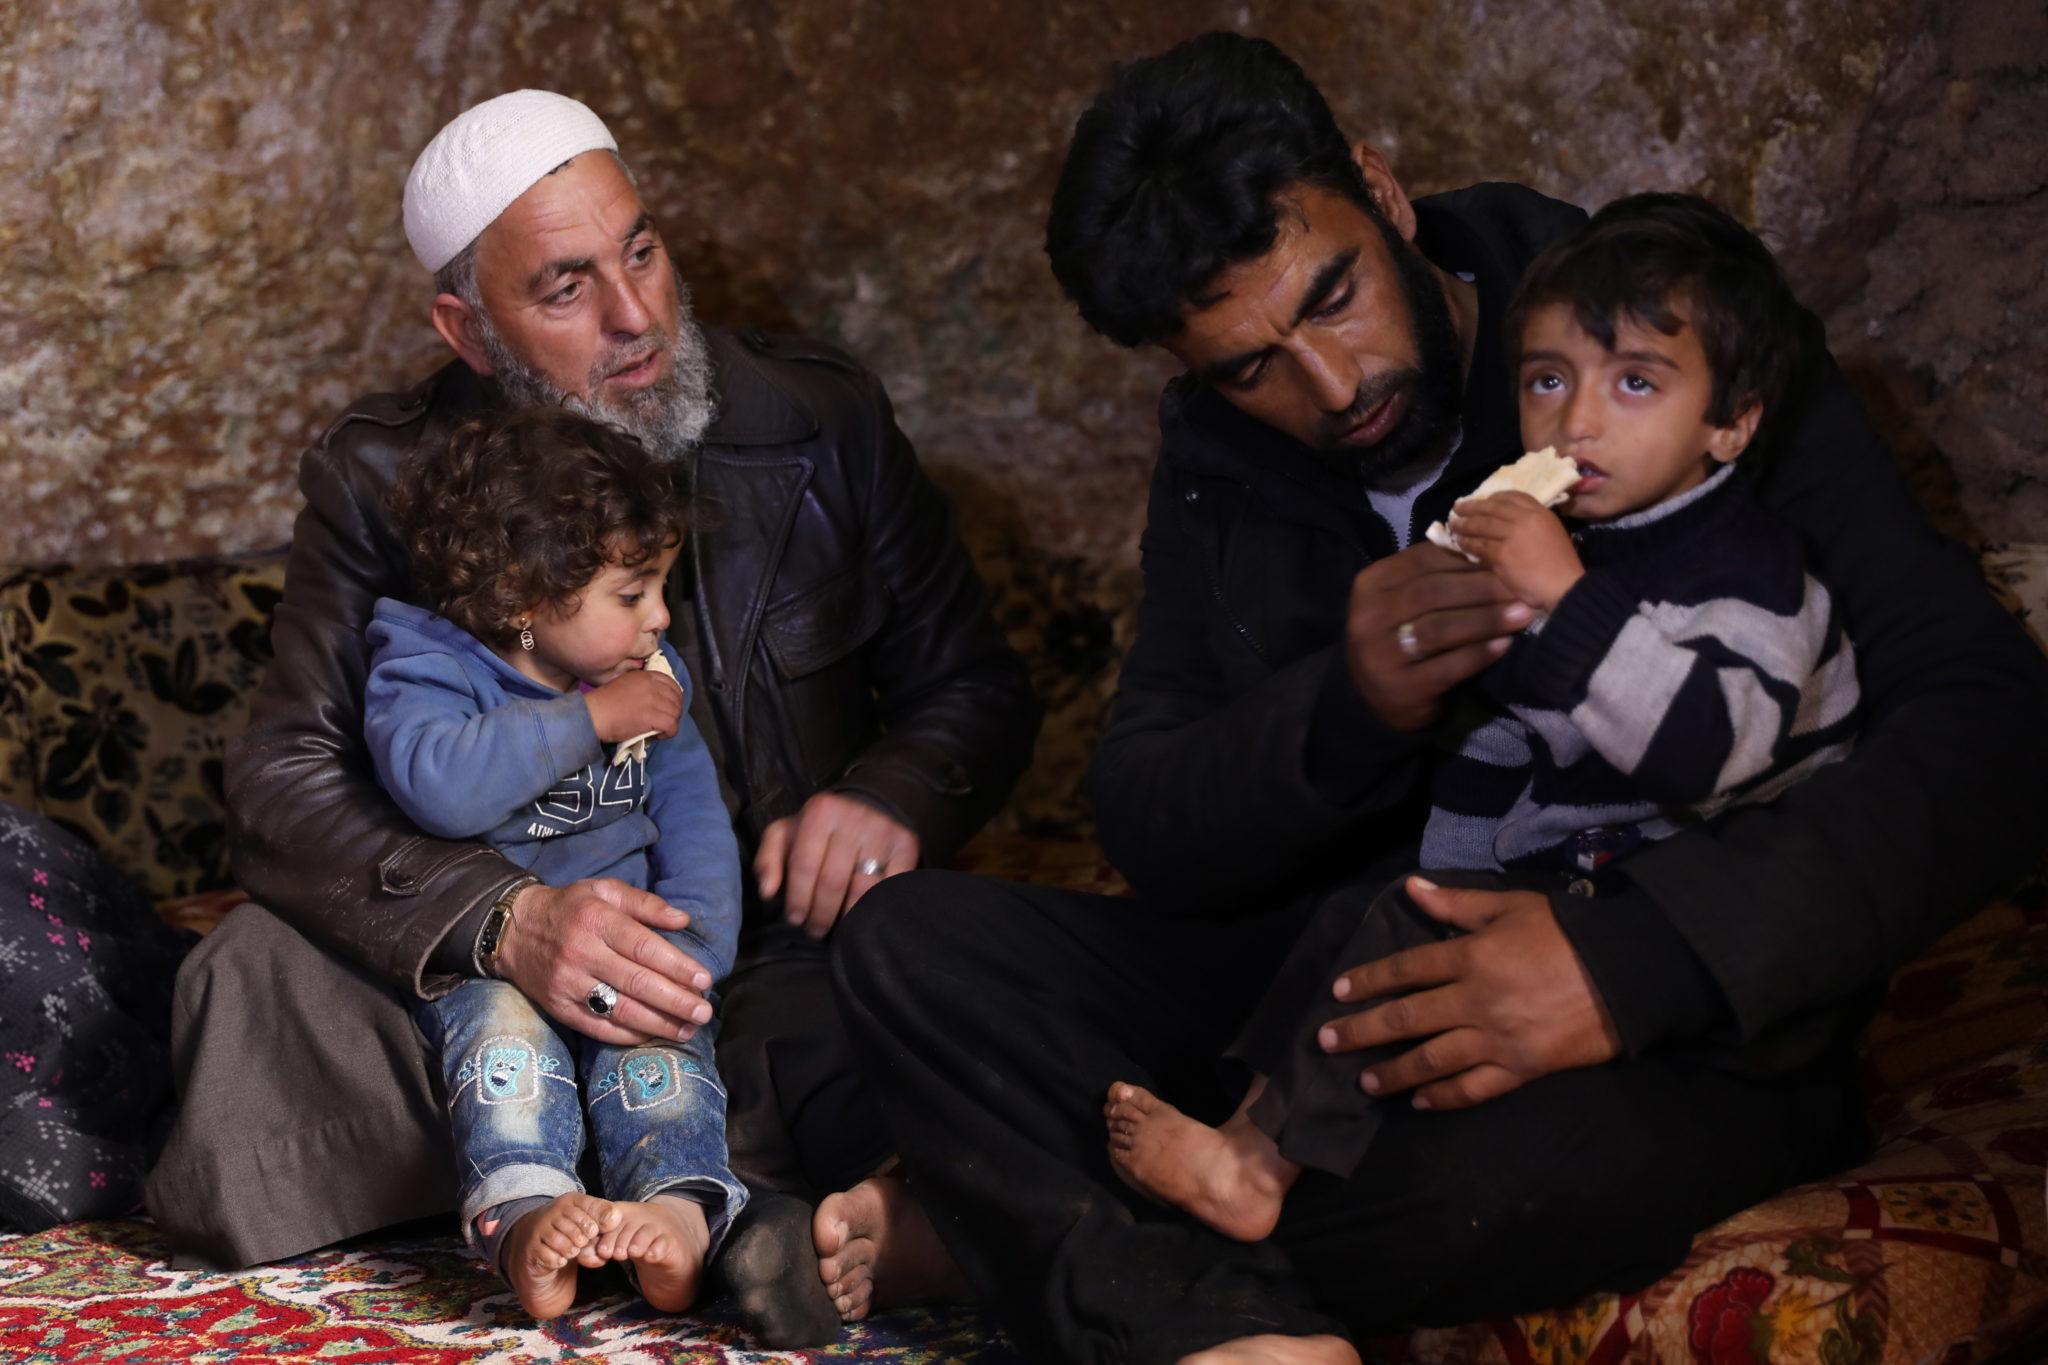 Grupa Syryjczyków, zmuszona opuścić aleppo szuka schronienia w jaskini. fot. EPA/YAHYA NEMAH  .